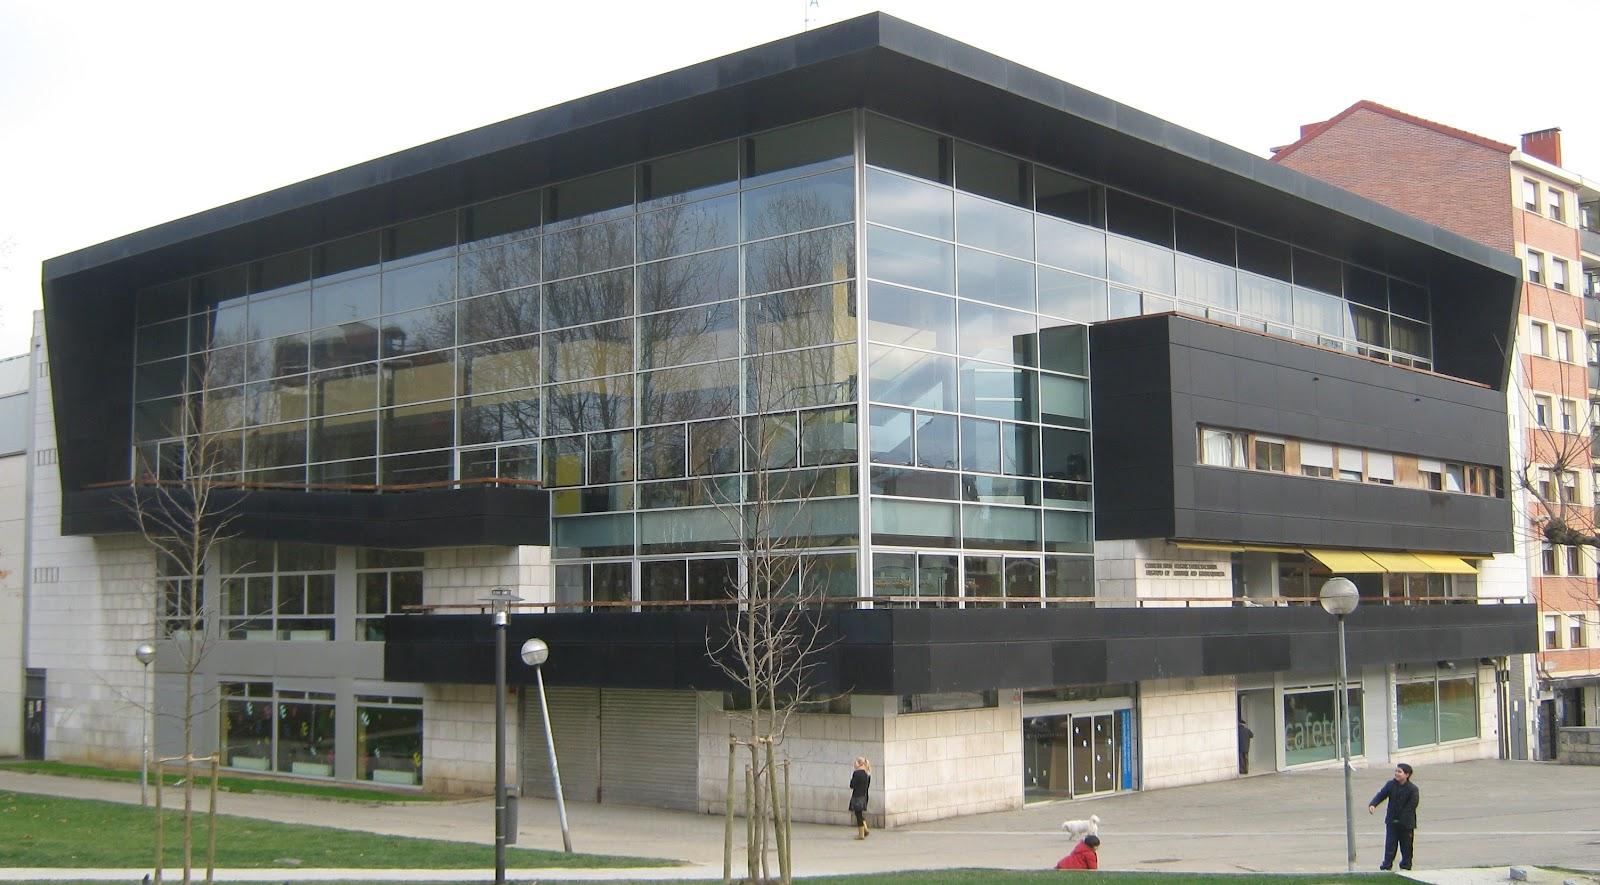 Edificio del centro de ancianos CIS del parque de Los Hermanos